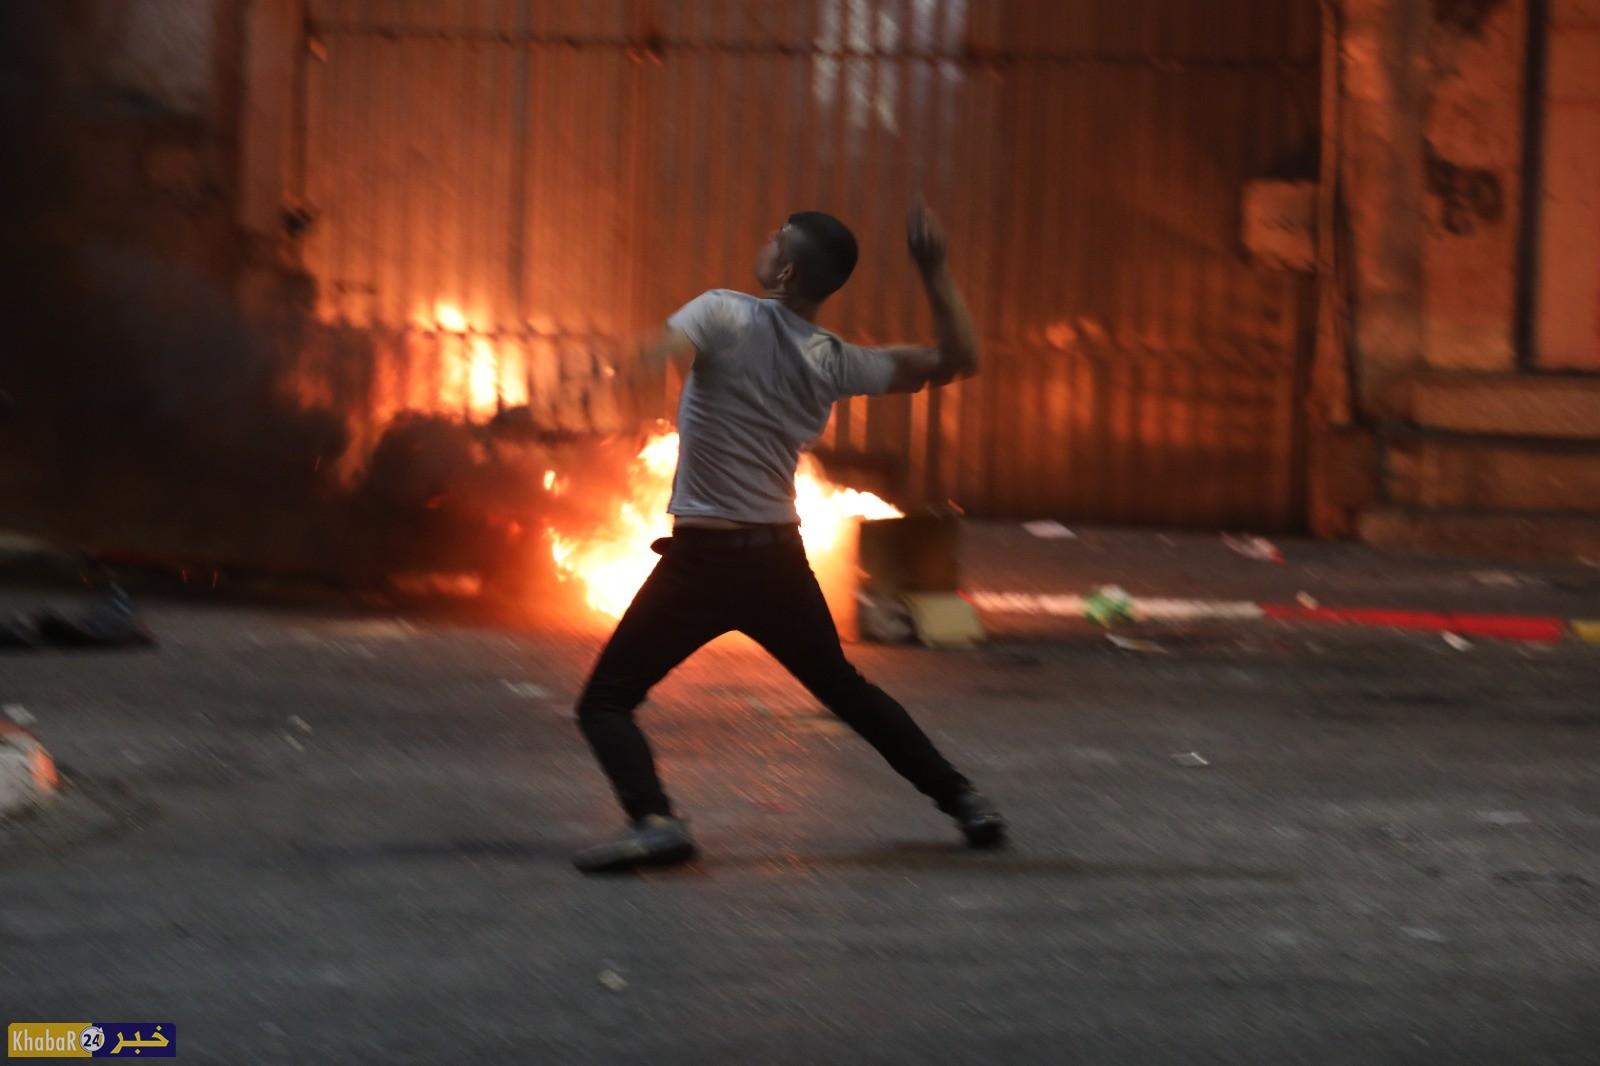 مواجهات بين قوات الاحتلال والشبان الغاضبين نصرة للأسرى وسط مدينة الخليل الليلة